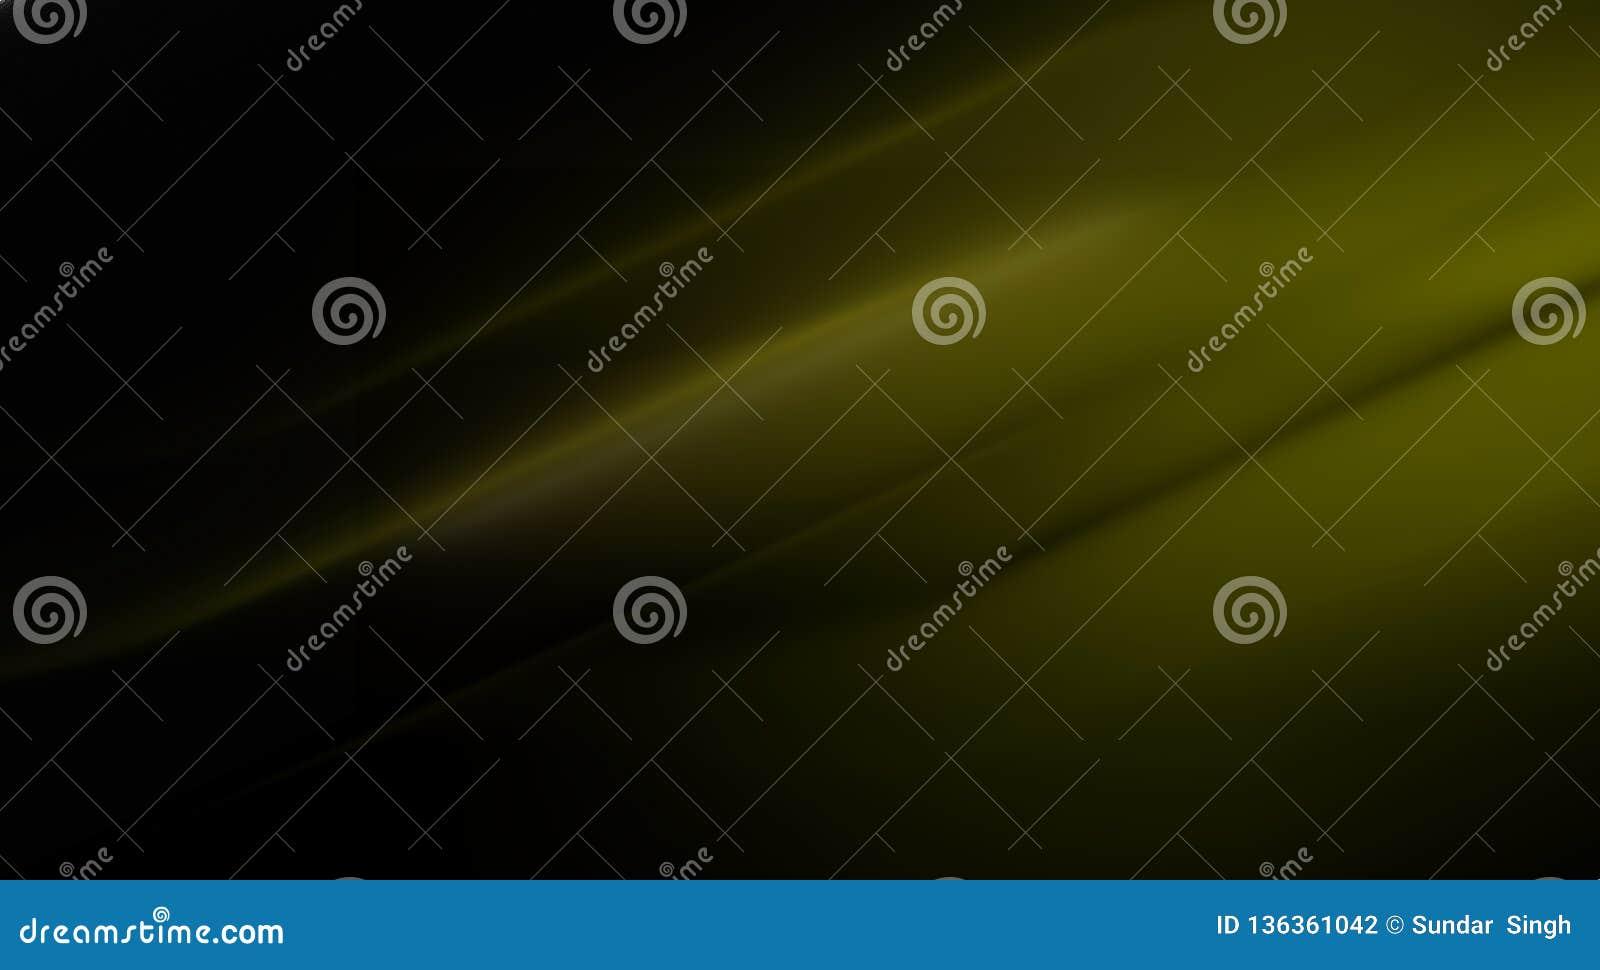 El verde del vector del extracto y el color negro sombrearon el fondo ondulado con el efecto luminoso, ejemplo del vector